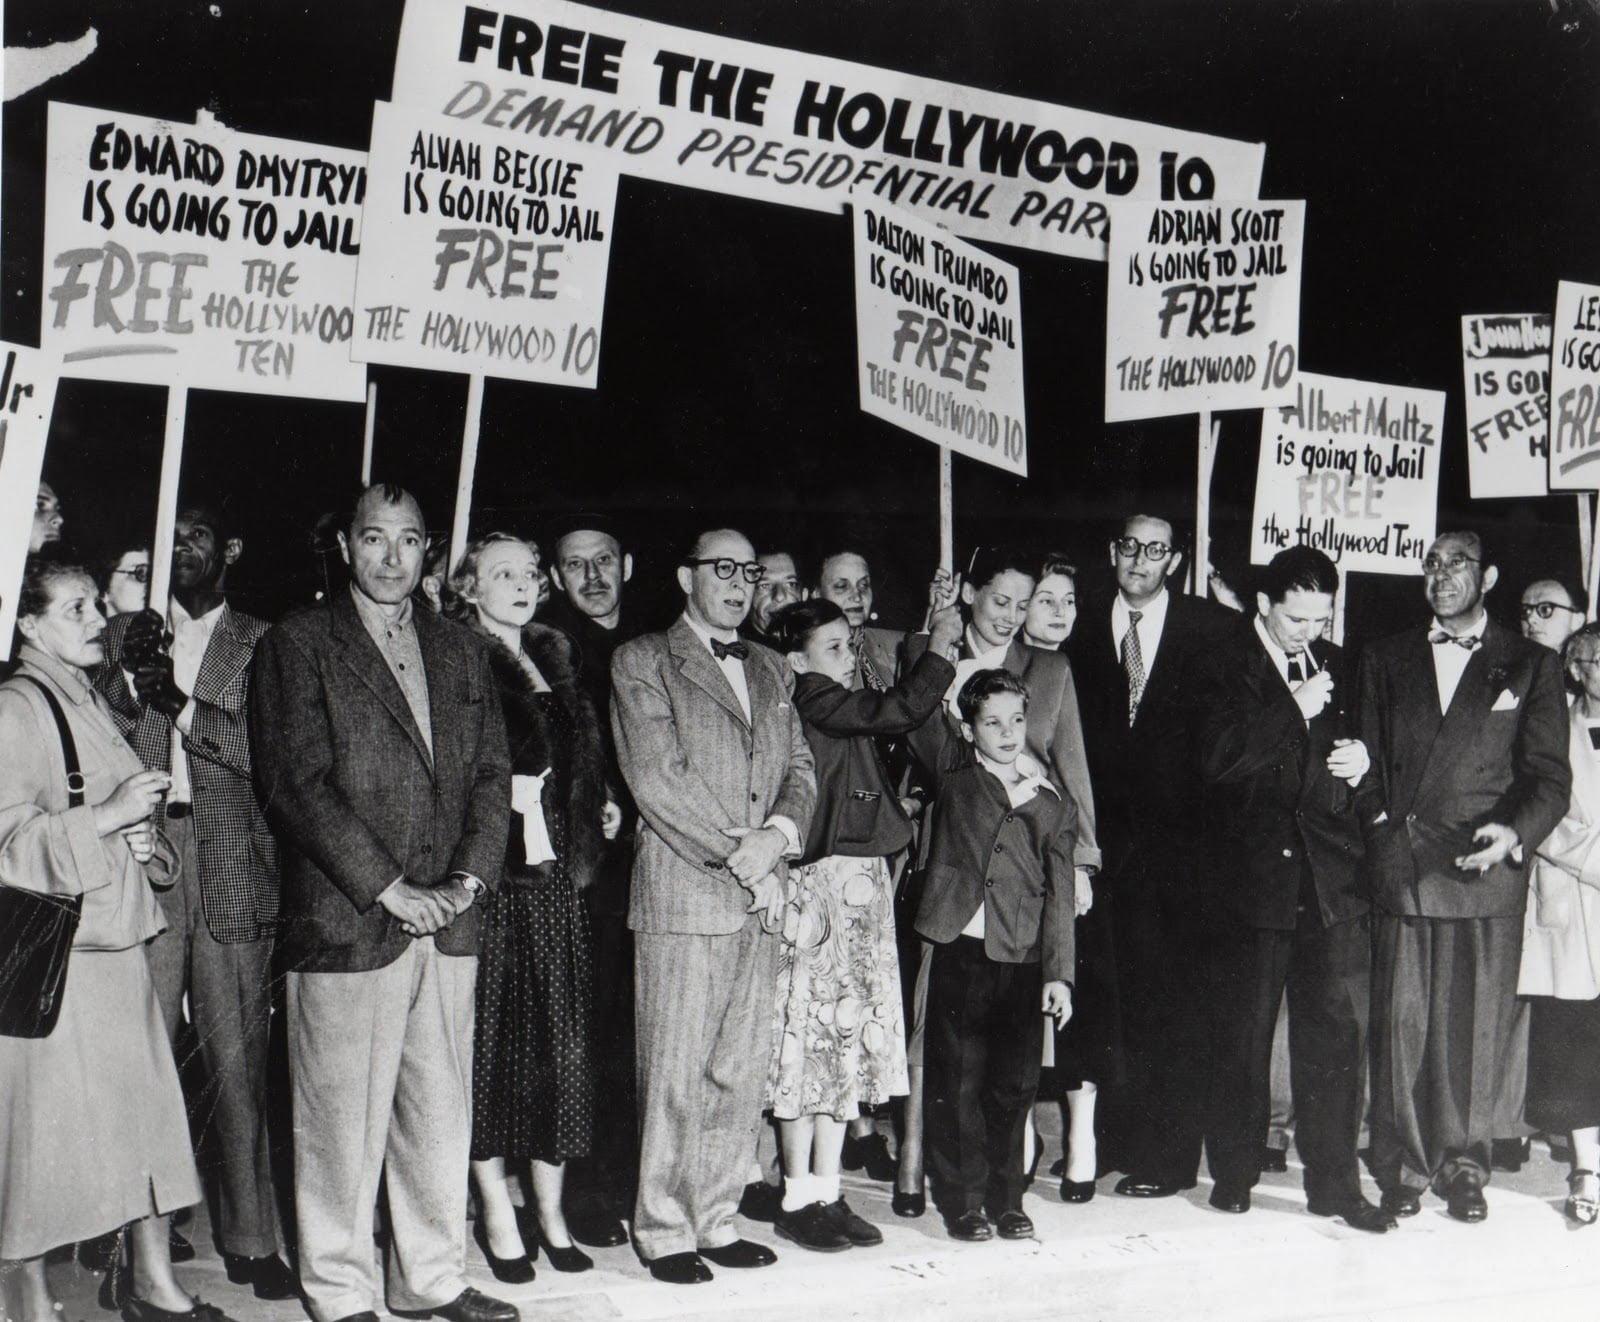 Hollywood Blacklist – Says You!